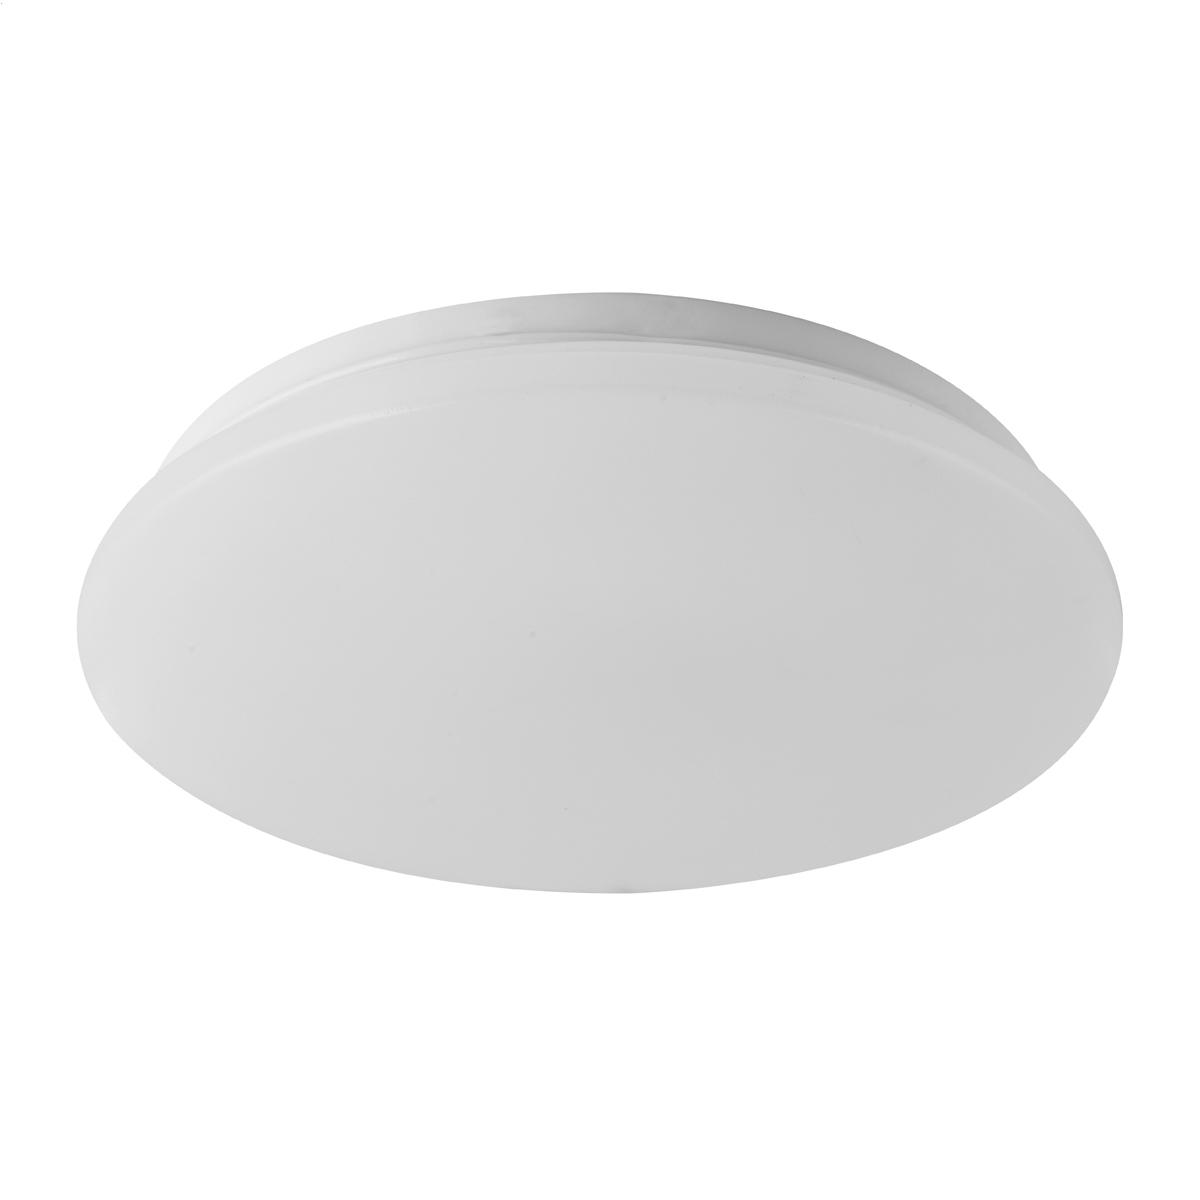 Platinet plafond lamp / plafonniere, 18W, 3000K, frosted, 260mm doorsnede, 1260lumen